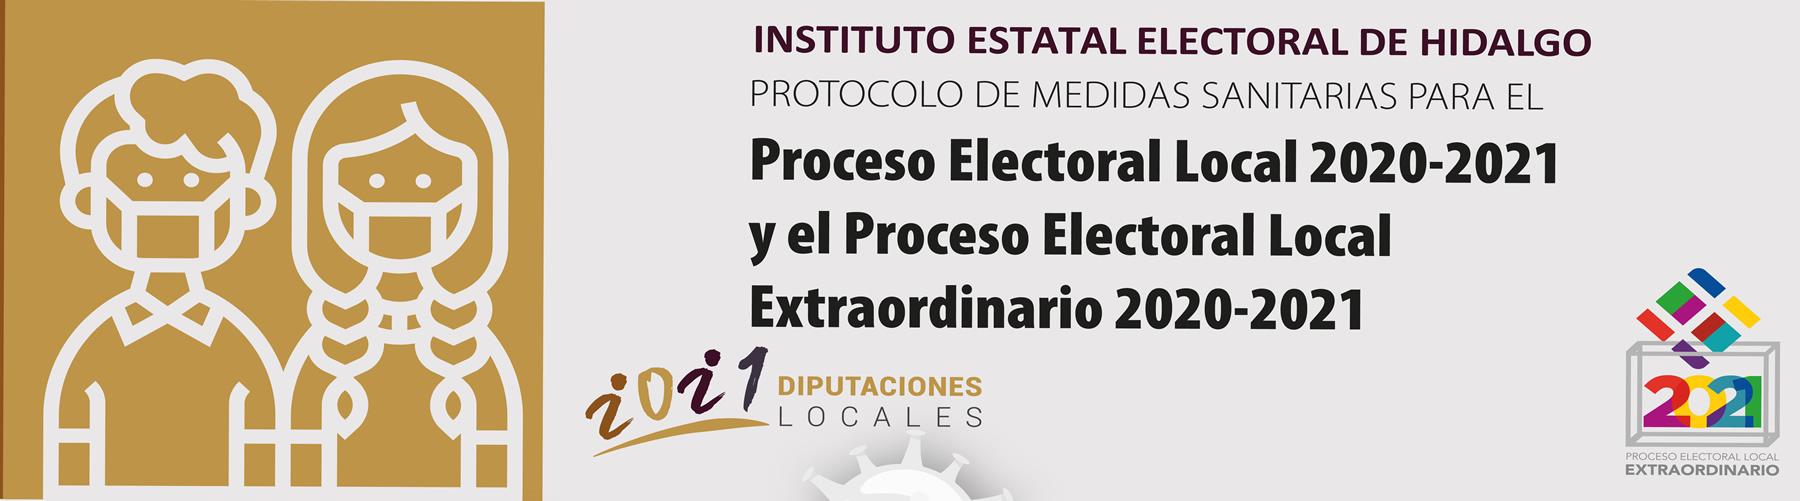 protocolo2021